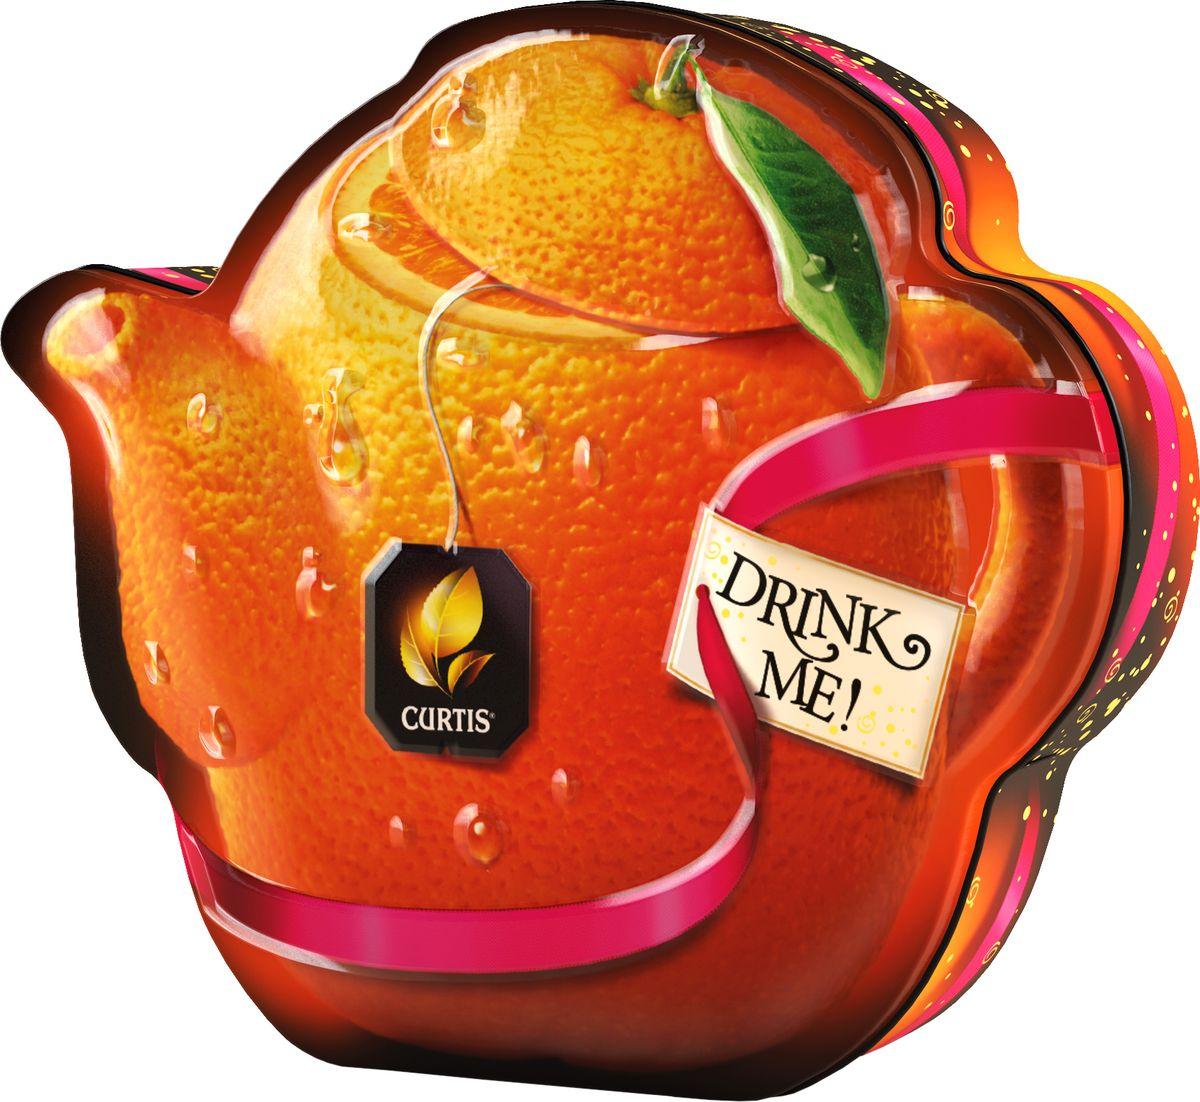 Curtis Drink Me Orange Chocolate Teapot черный листовой арома-чай, 55 г100330Новая уникальная форма банки - яркая оригинальная, выделяется и привлекает внимание. Восхитительный цейлонский чай с дуэтом ярких вкусов – темного шоколада и сладкого сочного апельсина - Мир удивительный вкусов чая.Всё о чае: сорта, факты, советы по выбору и употреблению. Статья OZON Гид